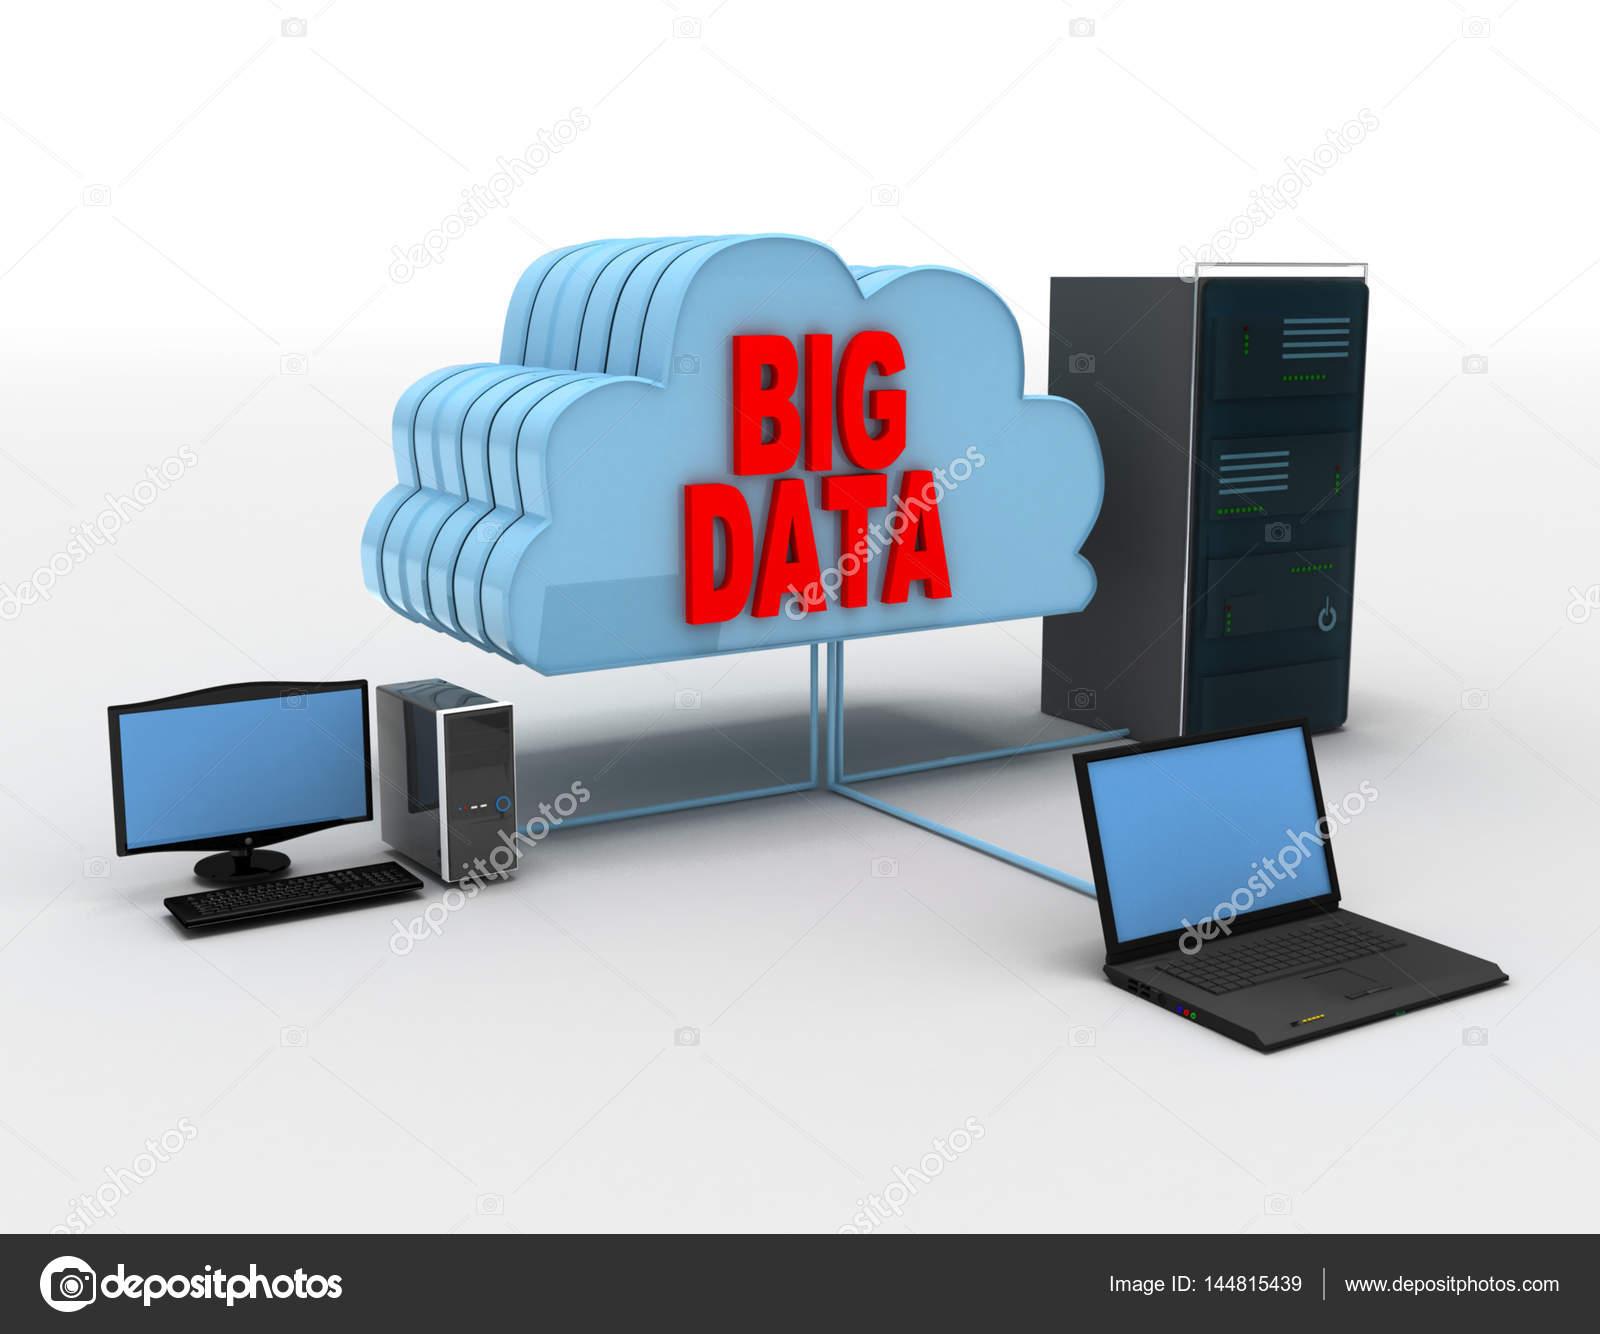 latop computador e servidor conncected para clouds big dados conce